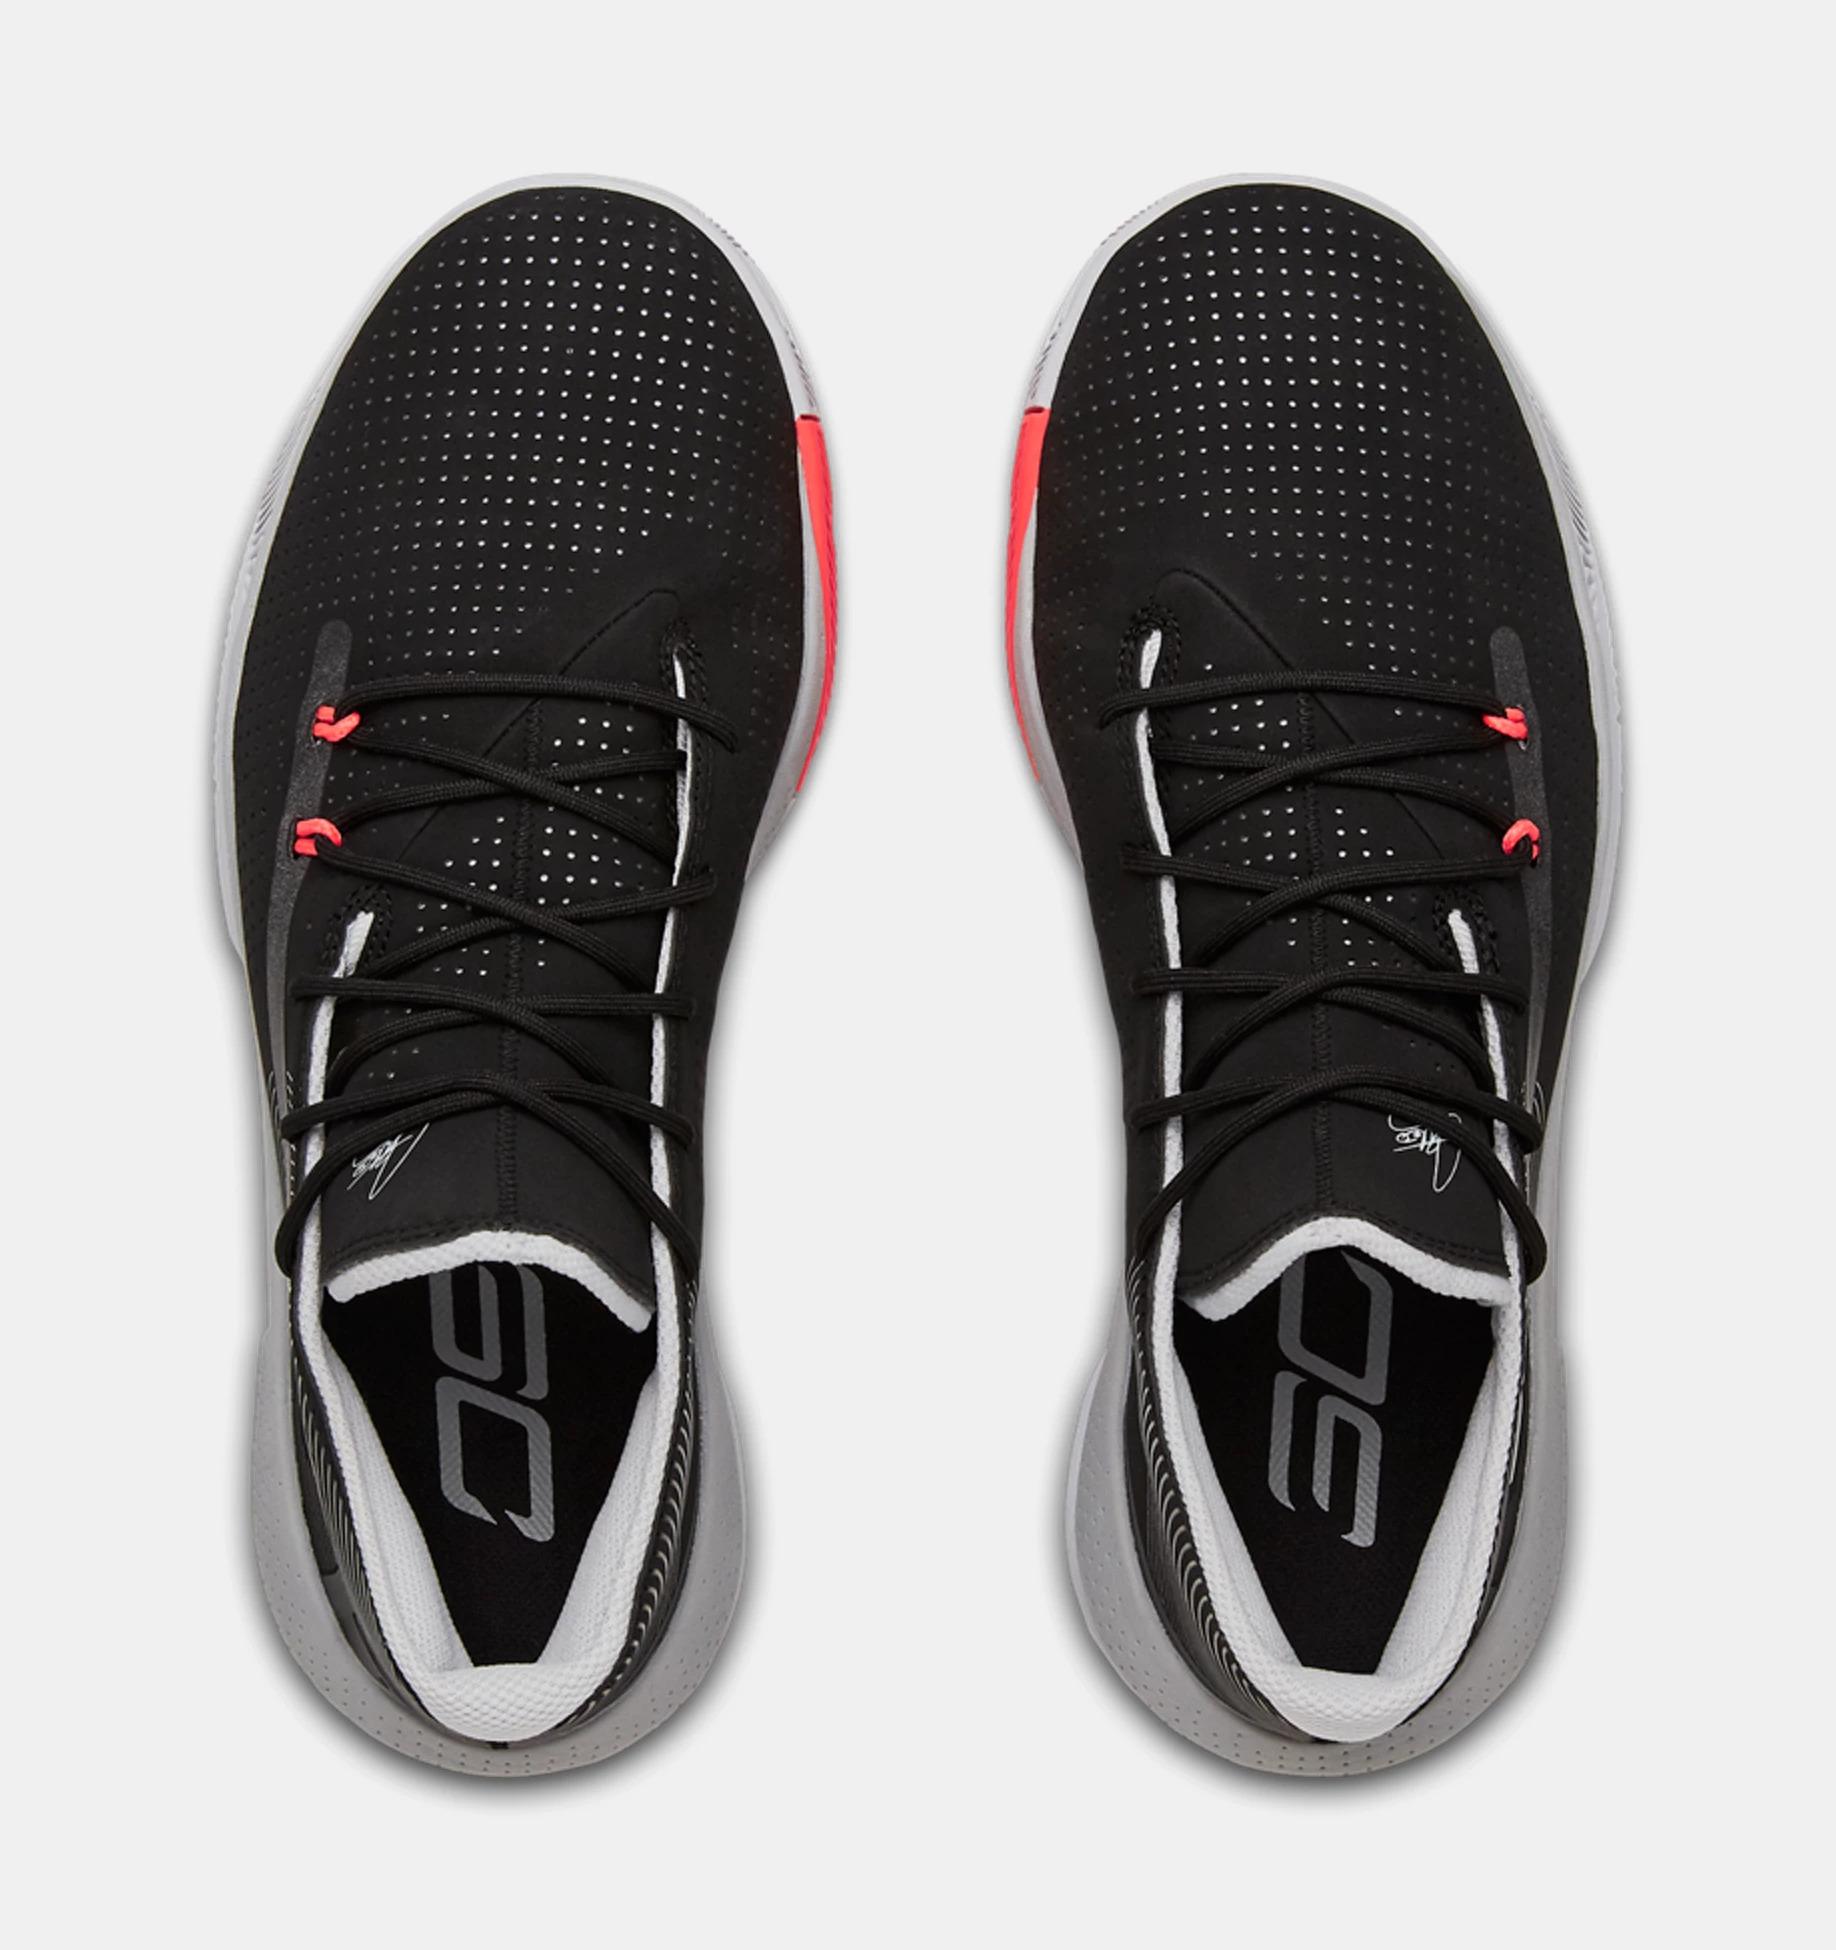 Lightest Basketball Shoes: SC 3ZERO III 2